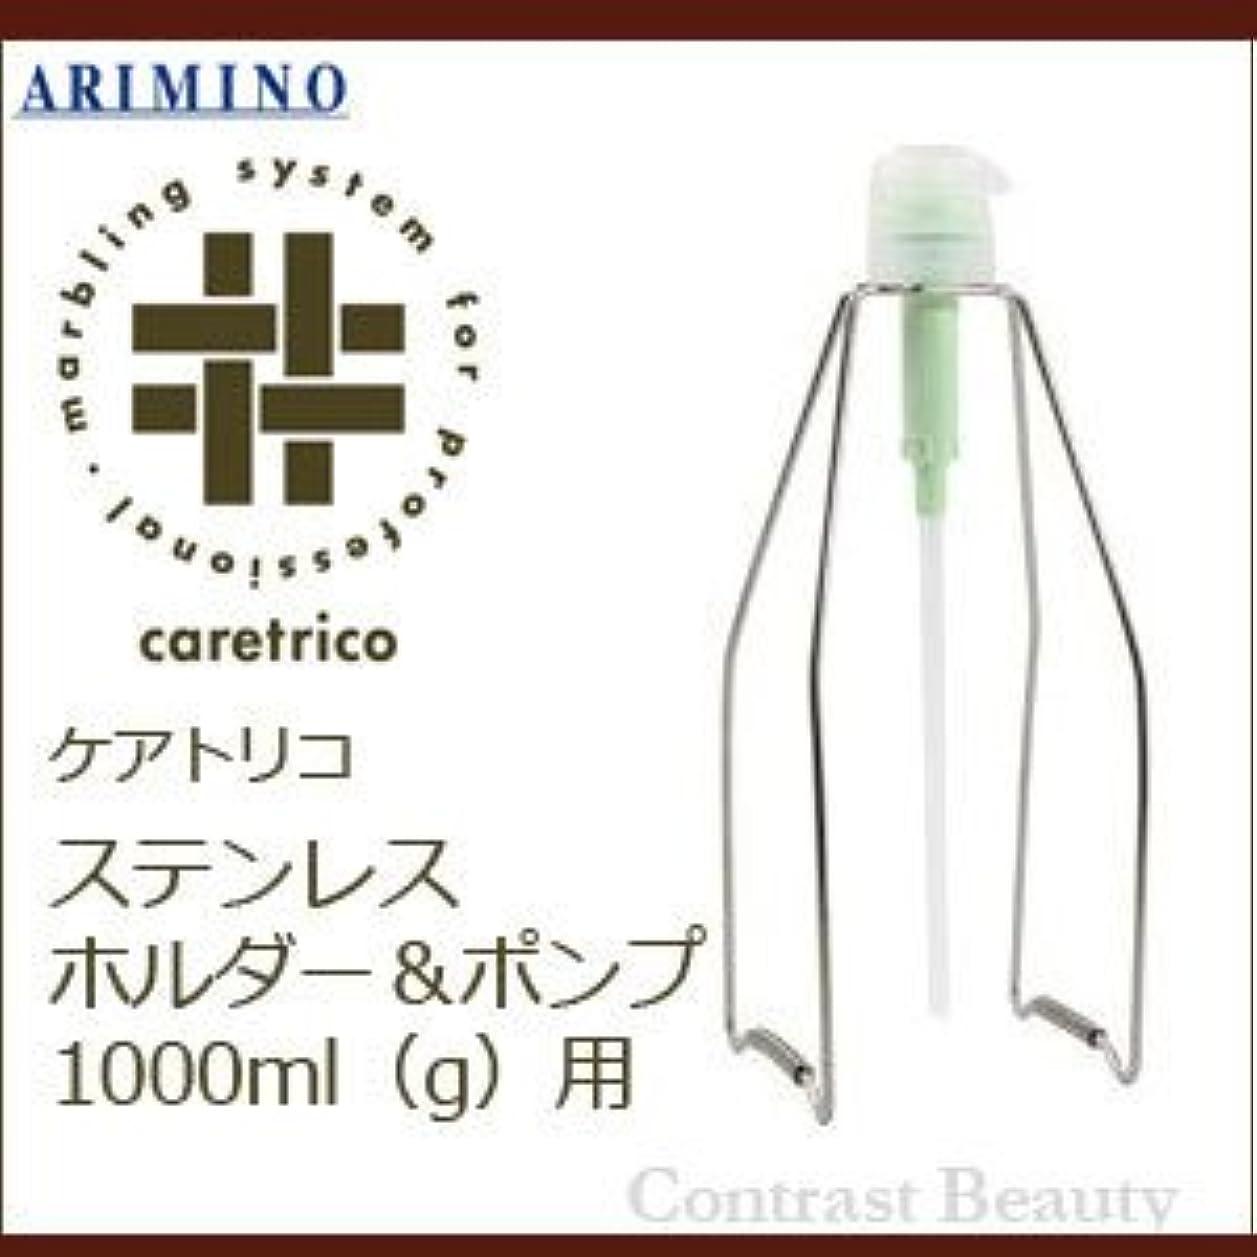 看板飲み込む硬化するアリミノ ケアトリコ 1000ml(g)用 ステンレス ホルダー&ポンプ